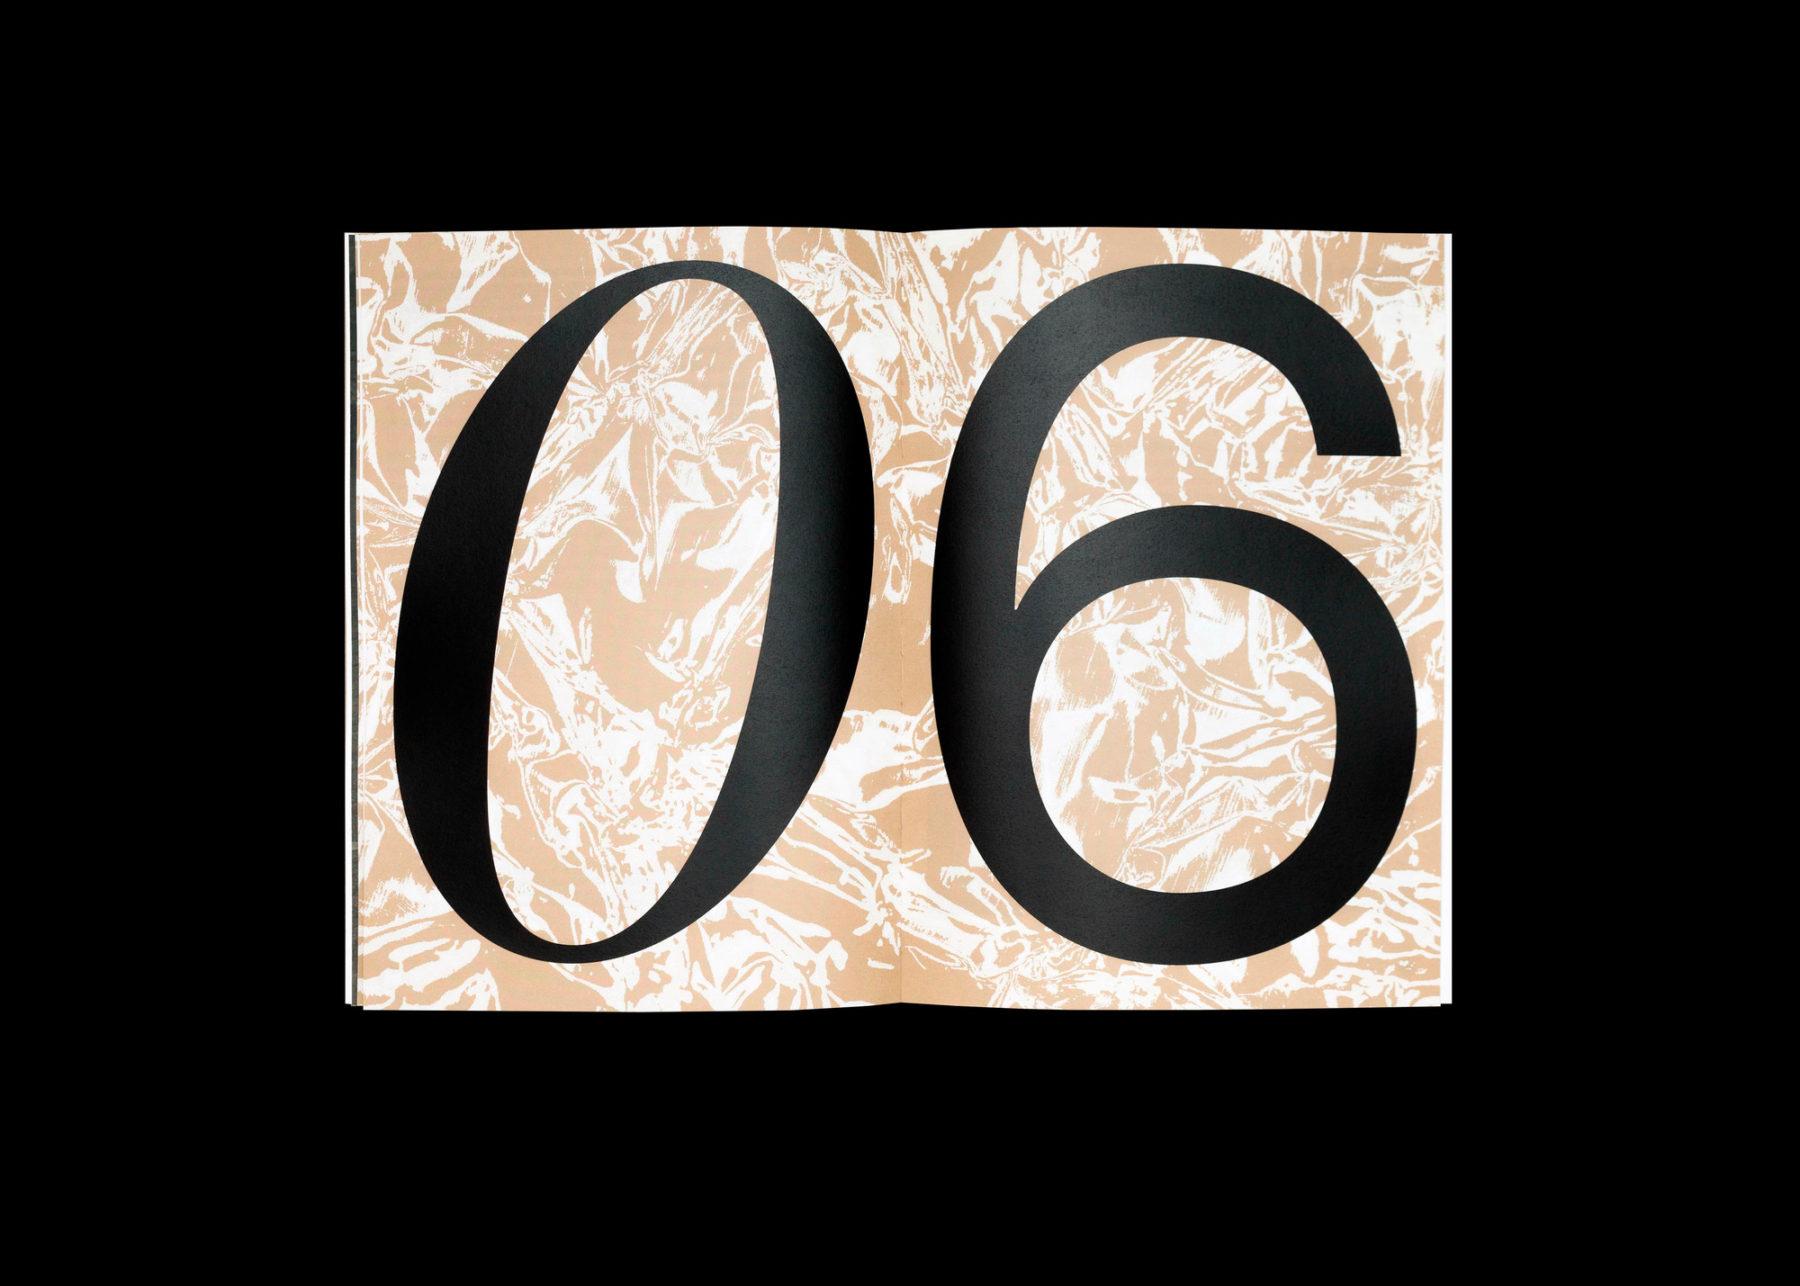 045zine essere catastrofe 11